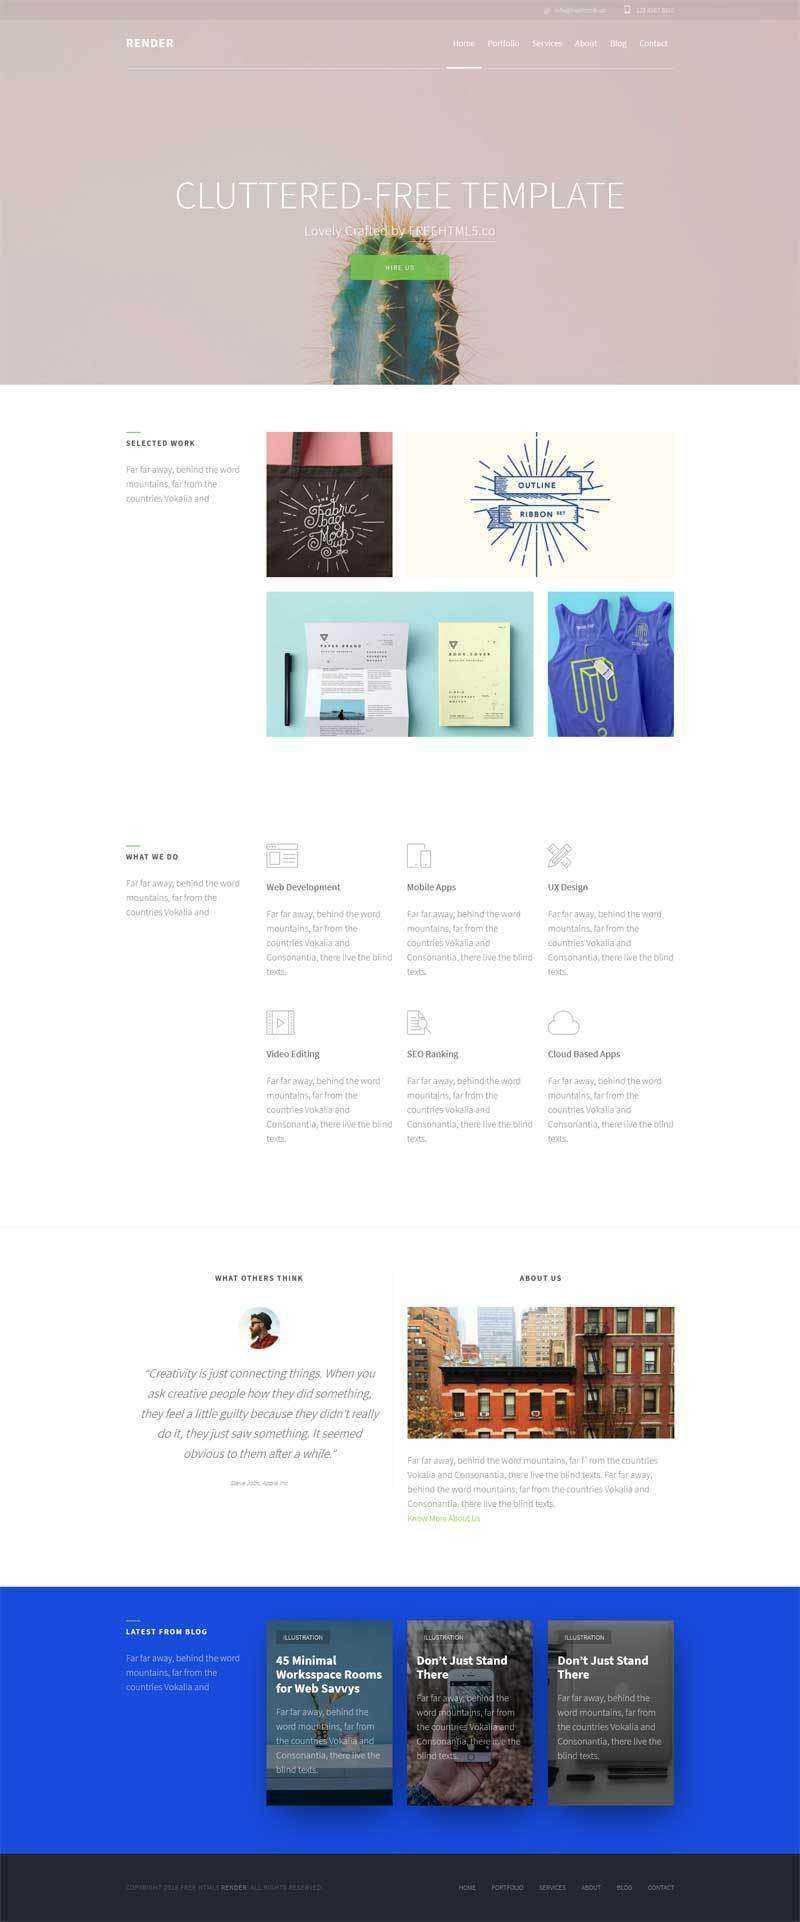 简单的平面设计师作品案例展示模板